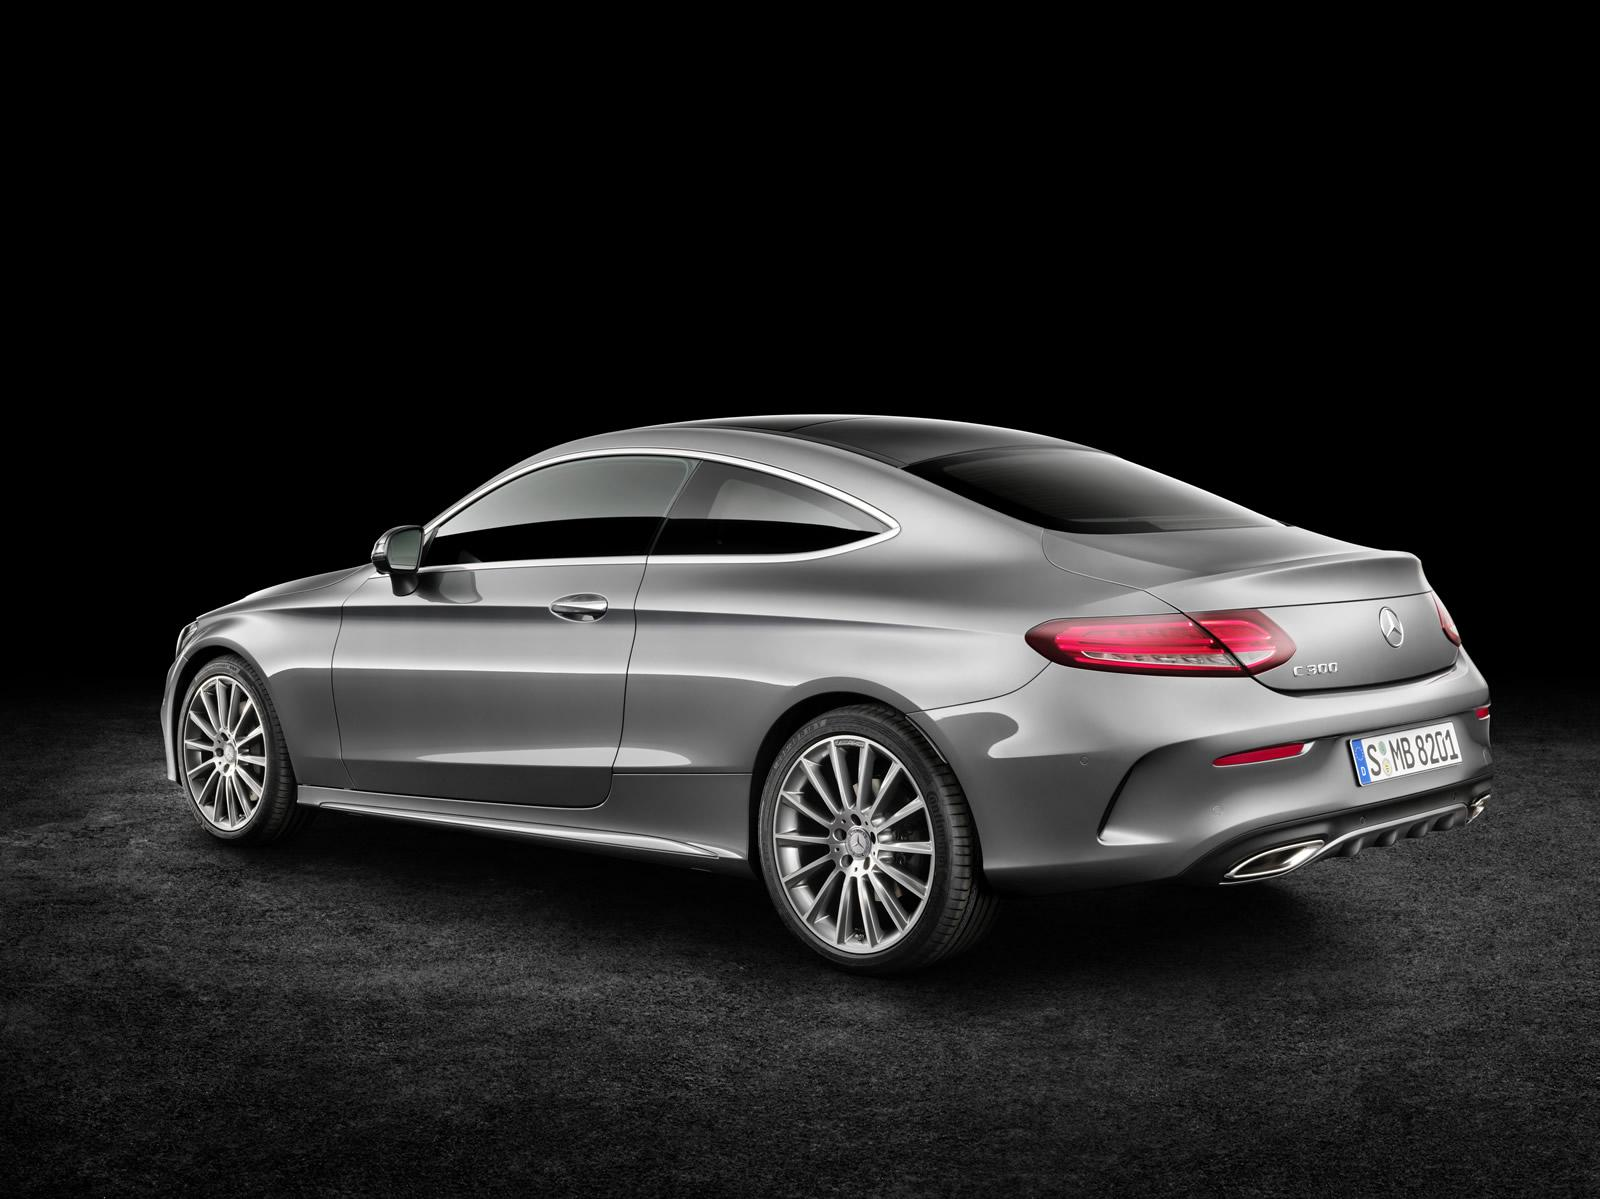 Mercedes C-osztály Coupe